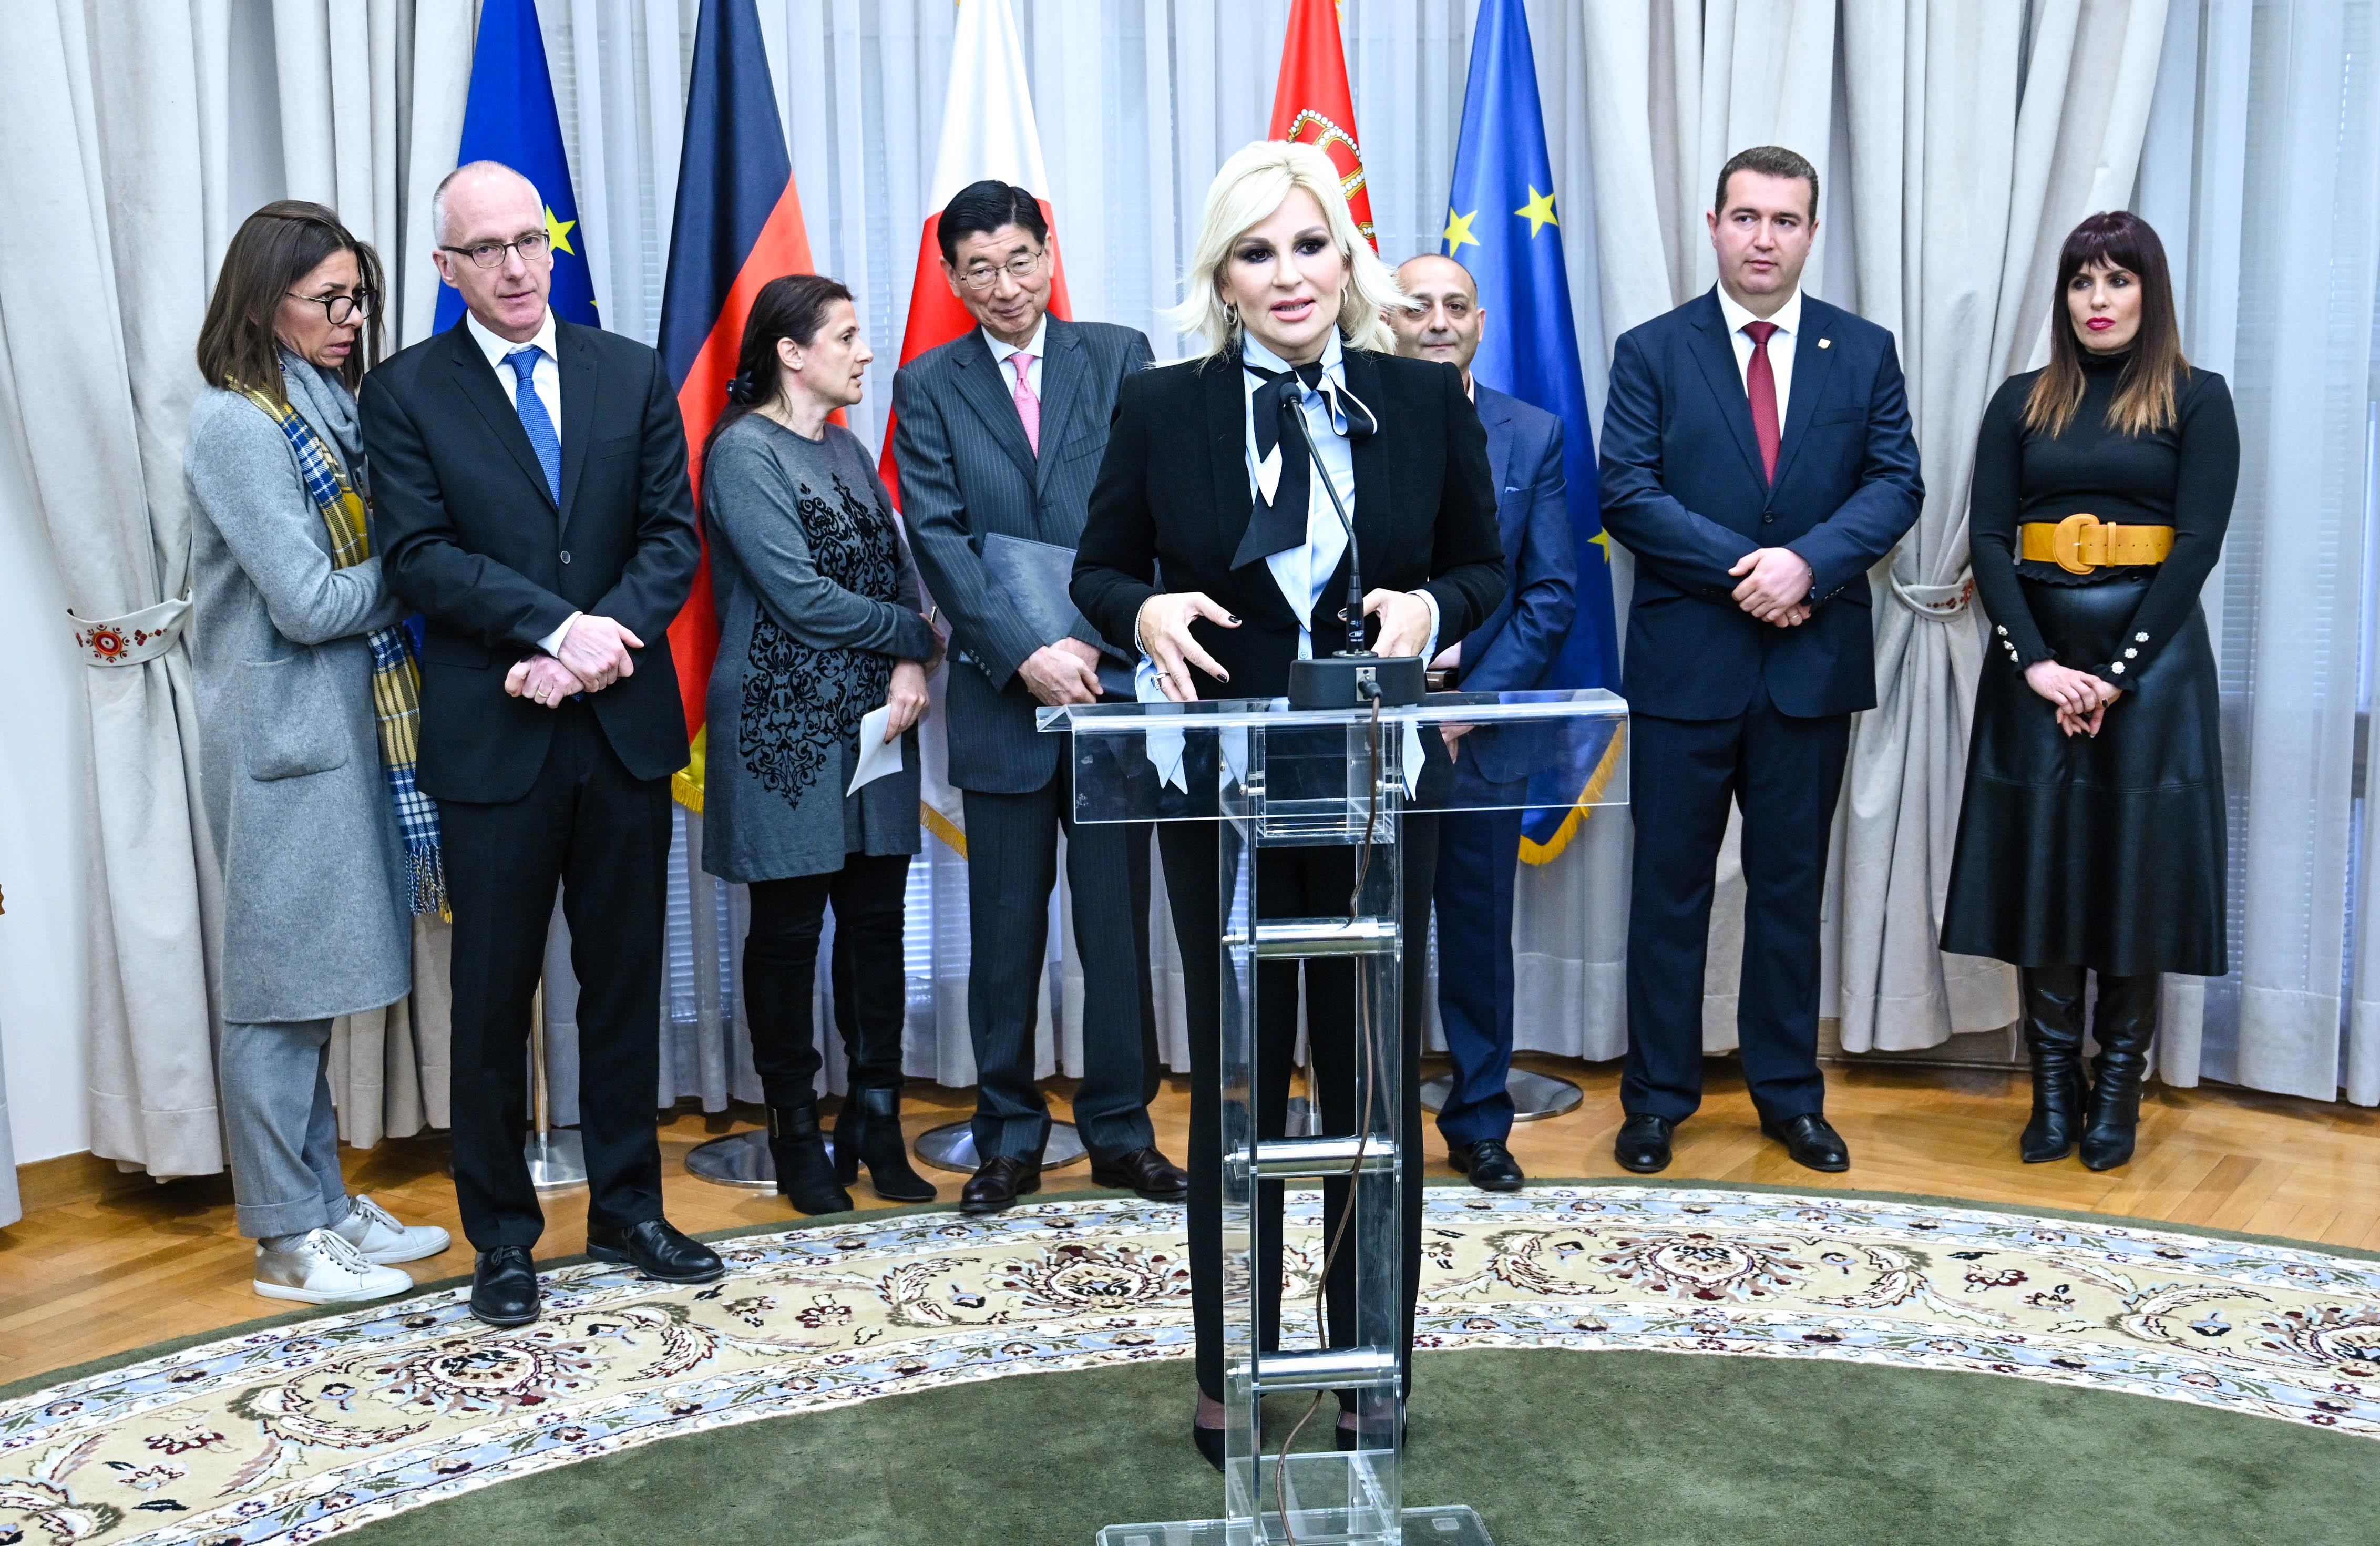 Mihajlovićeva: Nema podela, Romi i Romkinje su ravnopravni građani Srbije